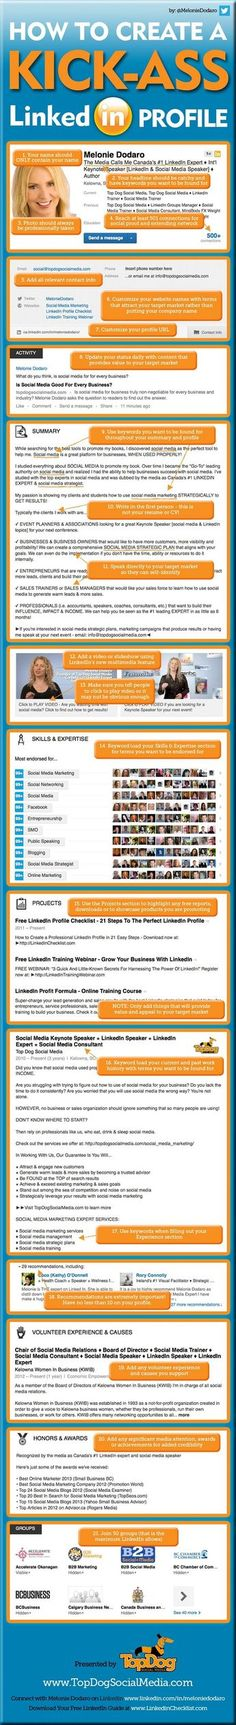 How to create a kick-ass Lindekin profile, by topdogsocialmedia.com